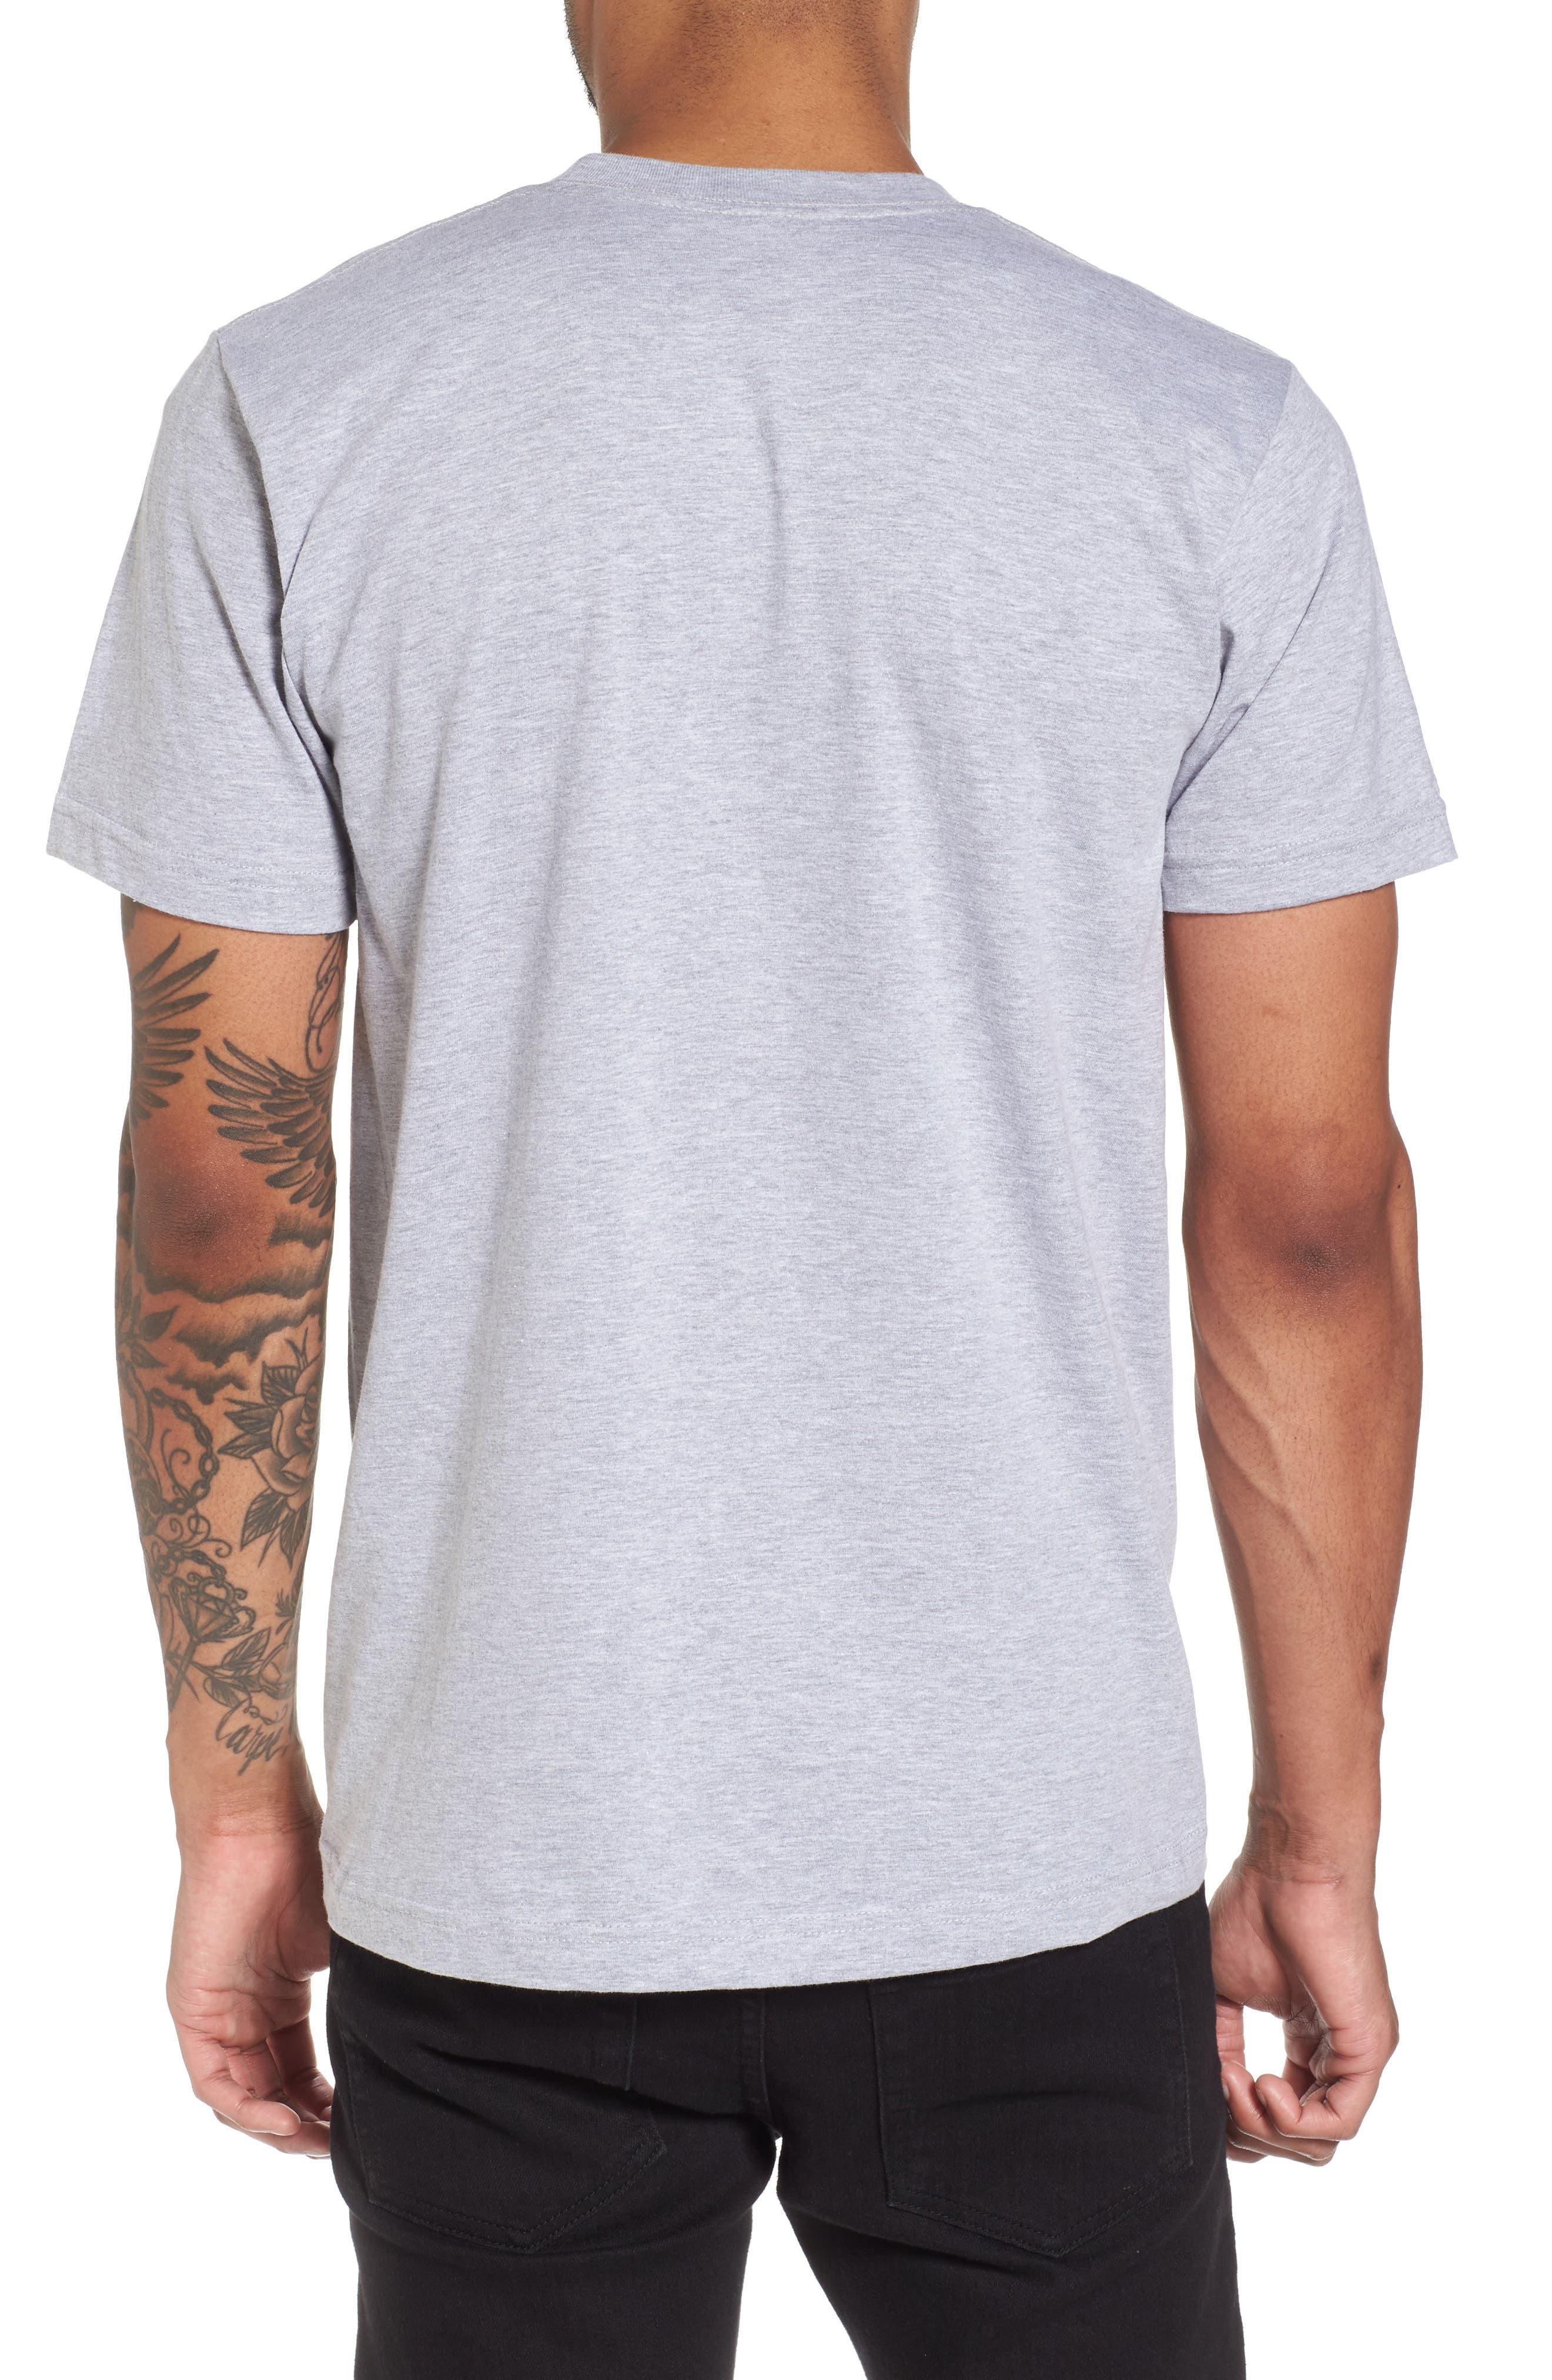 Foul Weather Fans T-Shirt,                             Alternate thumbnail 2, color,                             020